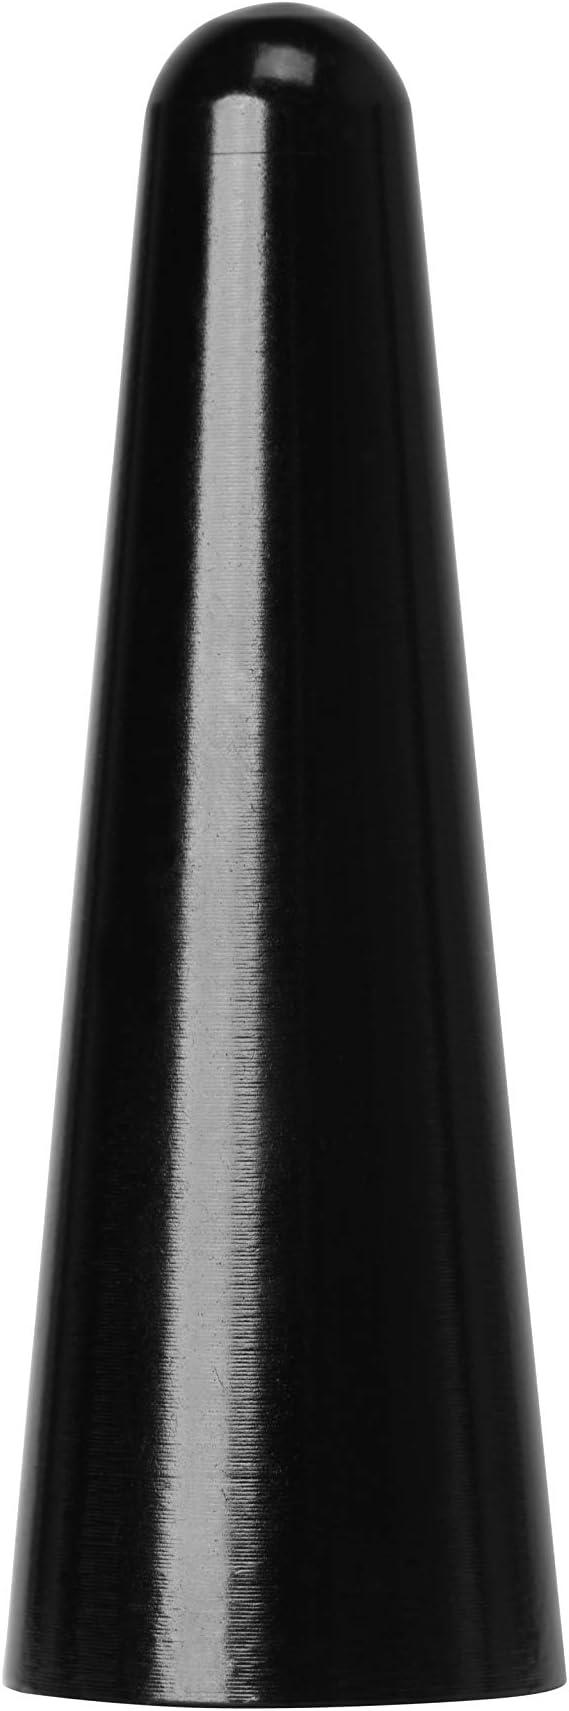 4 8cm High End Antenne Nur Für Den Neuen Seat Ibiza Ab Bj Juni 2017 17mm Perfekte Passgenauigkeit Am Antennenfuß Antennenübergang Waschanlagenfeste Antenne Auto